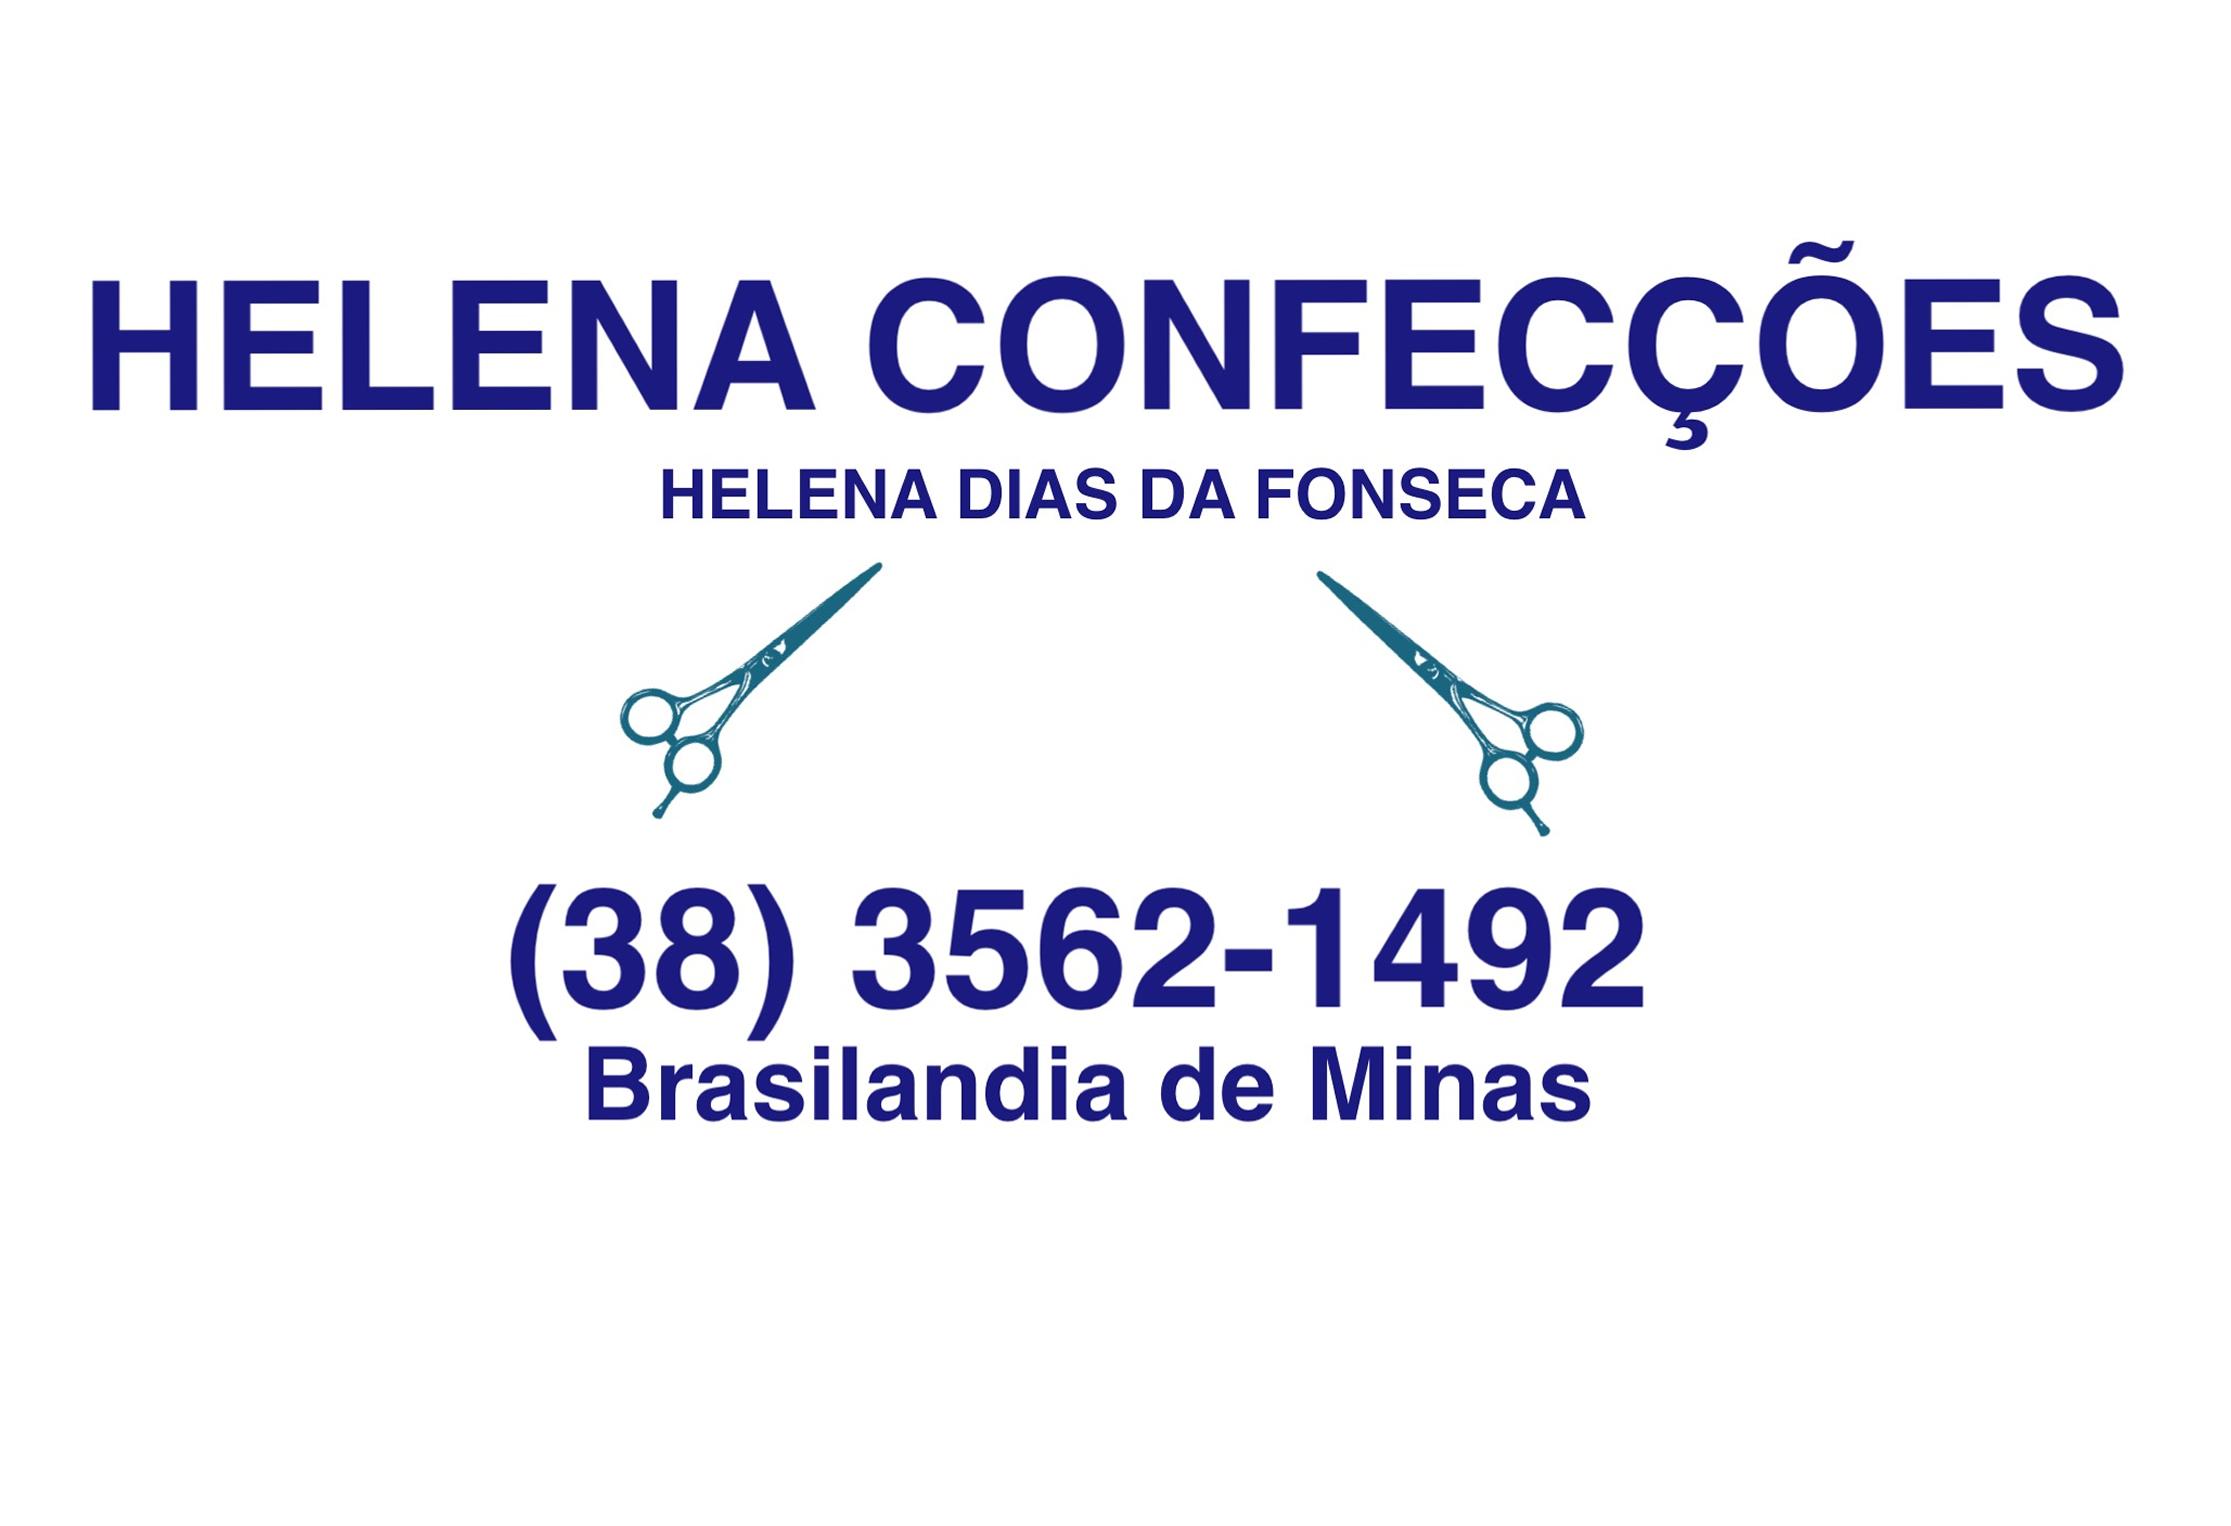 Helena Confecções